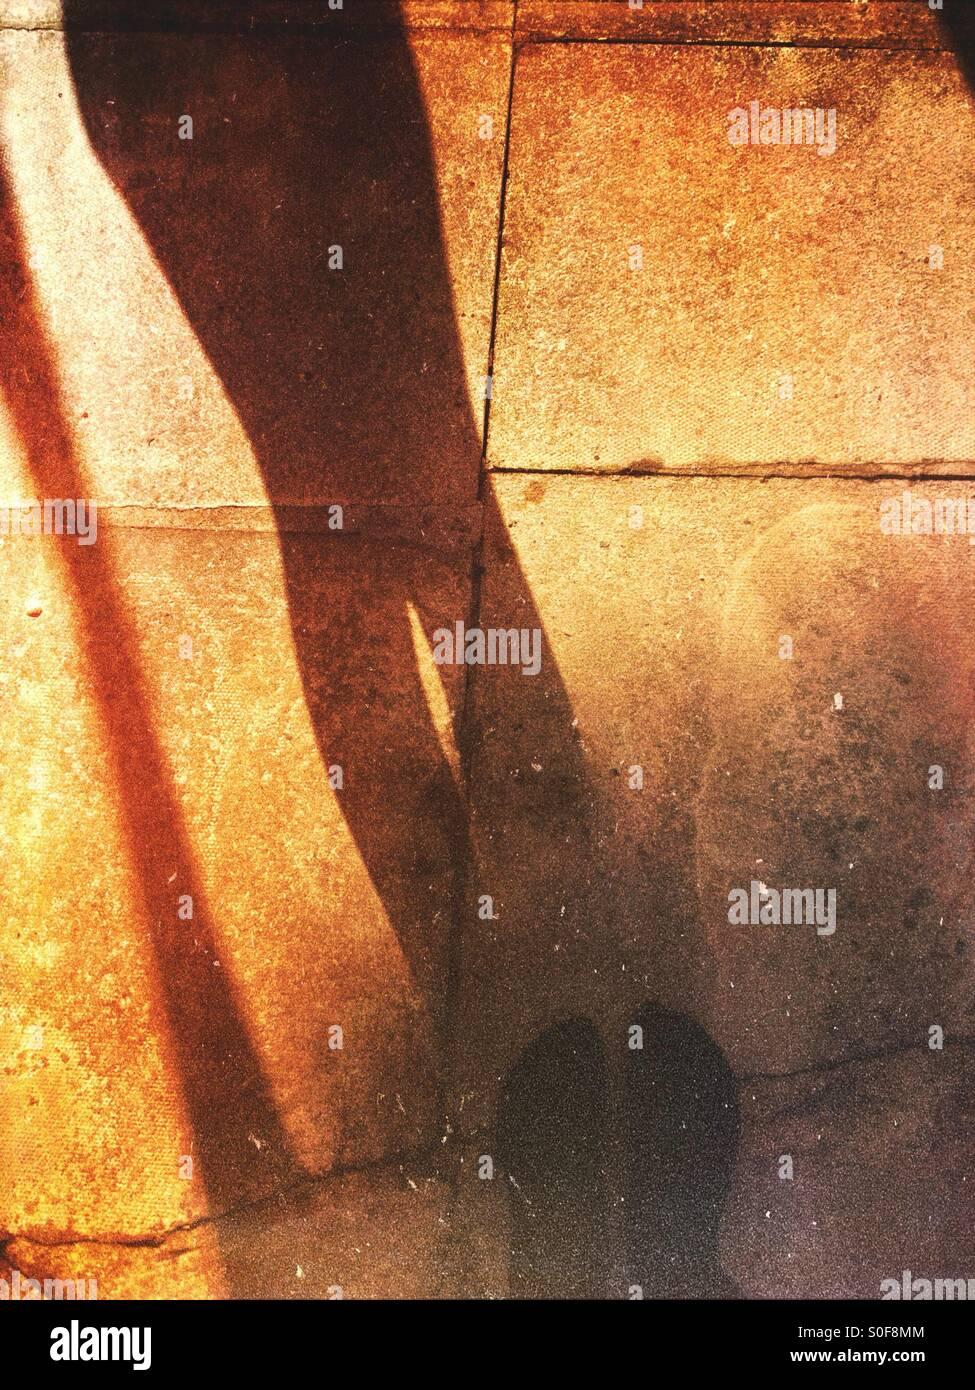 Sombra de una persona Imagen De Stock